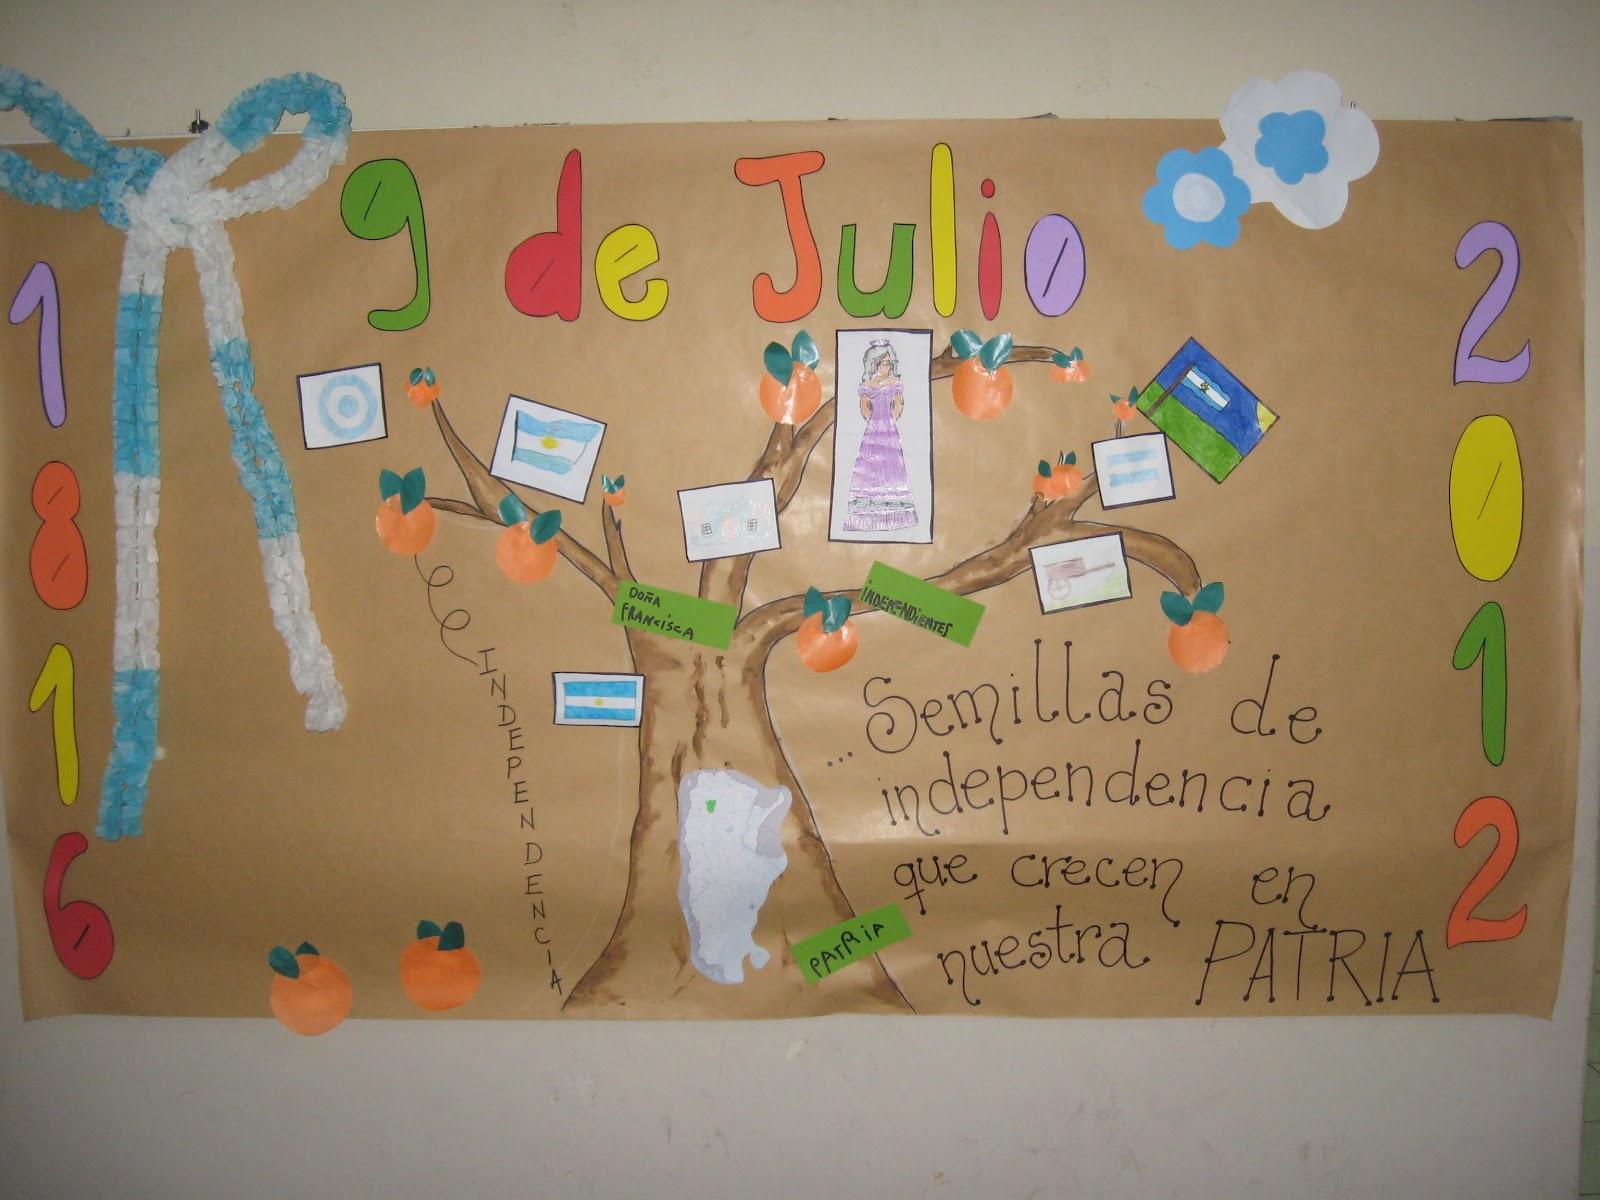 Acto 9 de julio youtube decoracion 9 de julio nivel for Decoracion 9 de julio